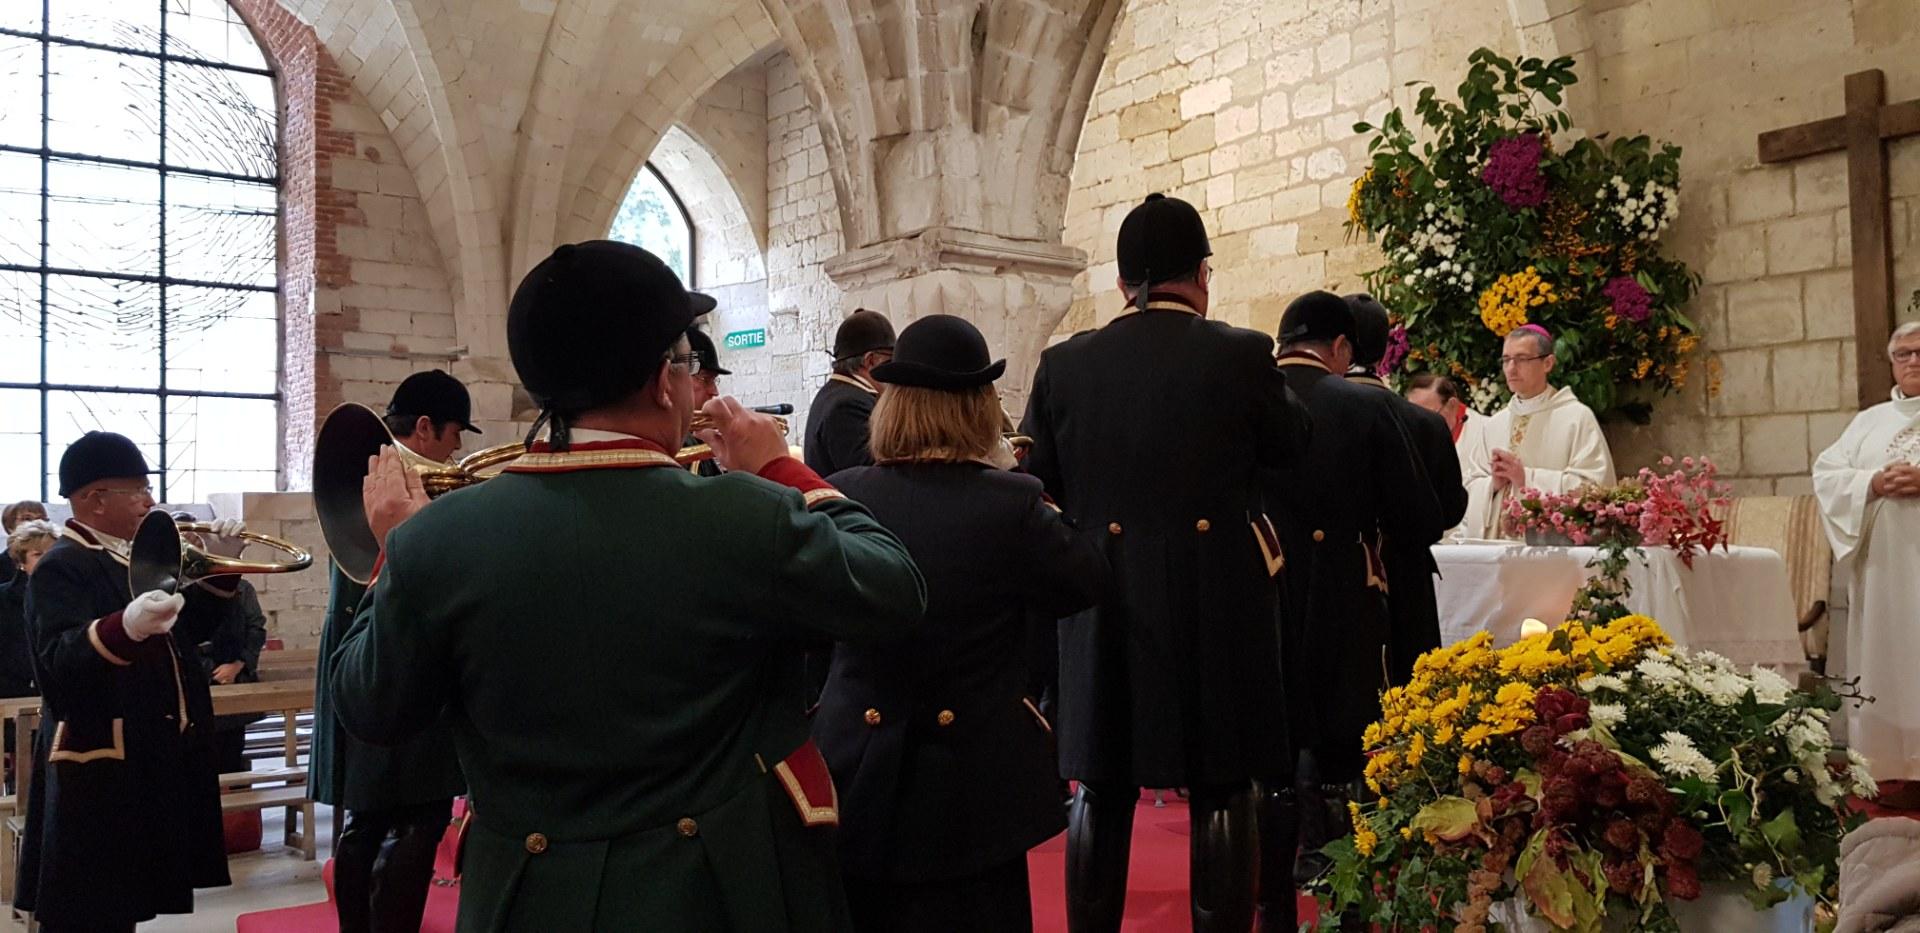 St-Hubert-Vaucelles-2018 3